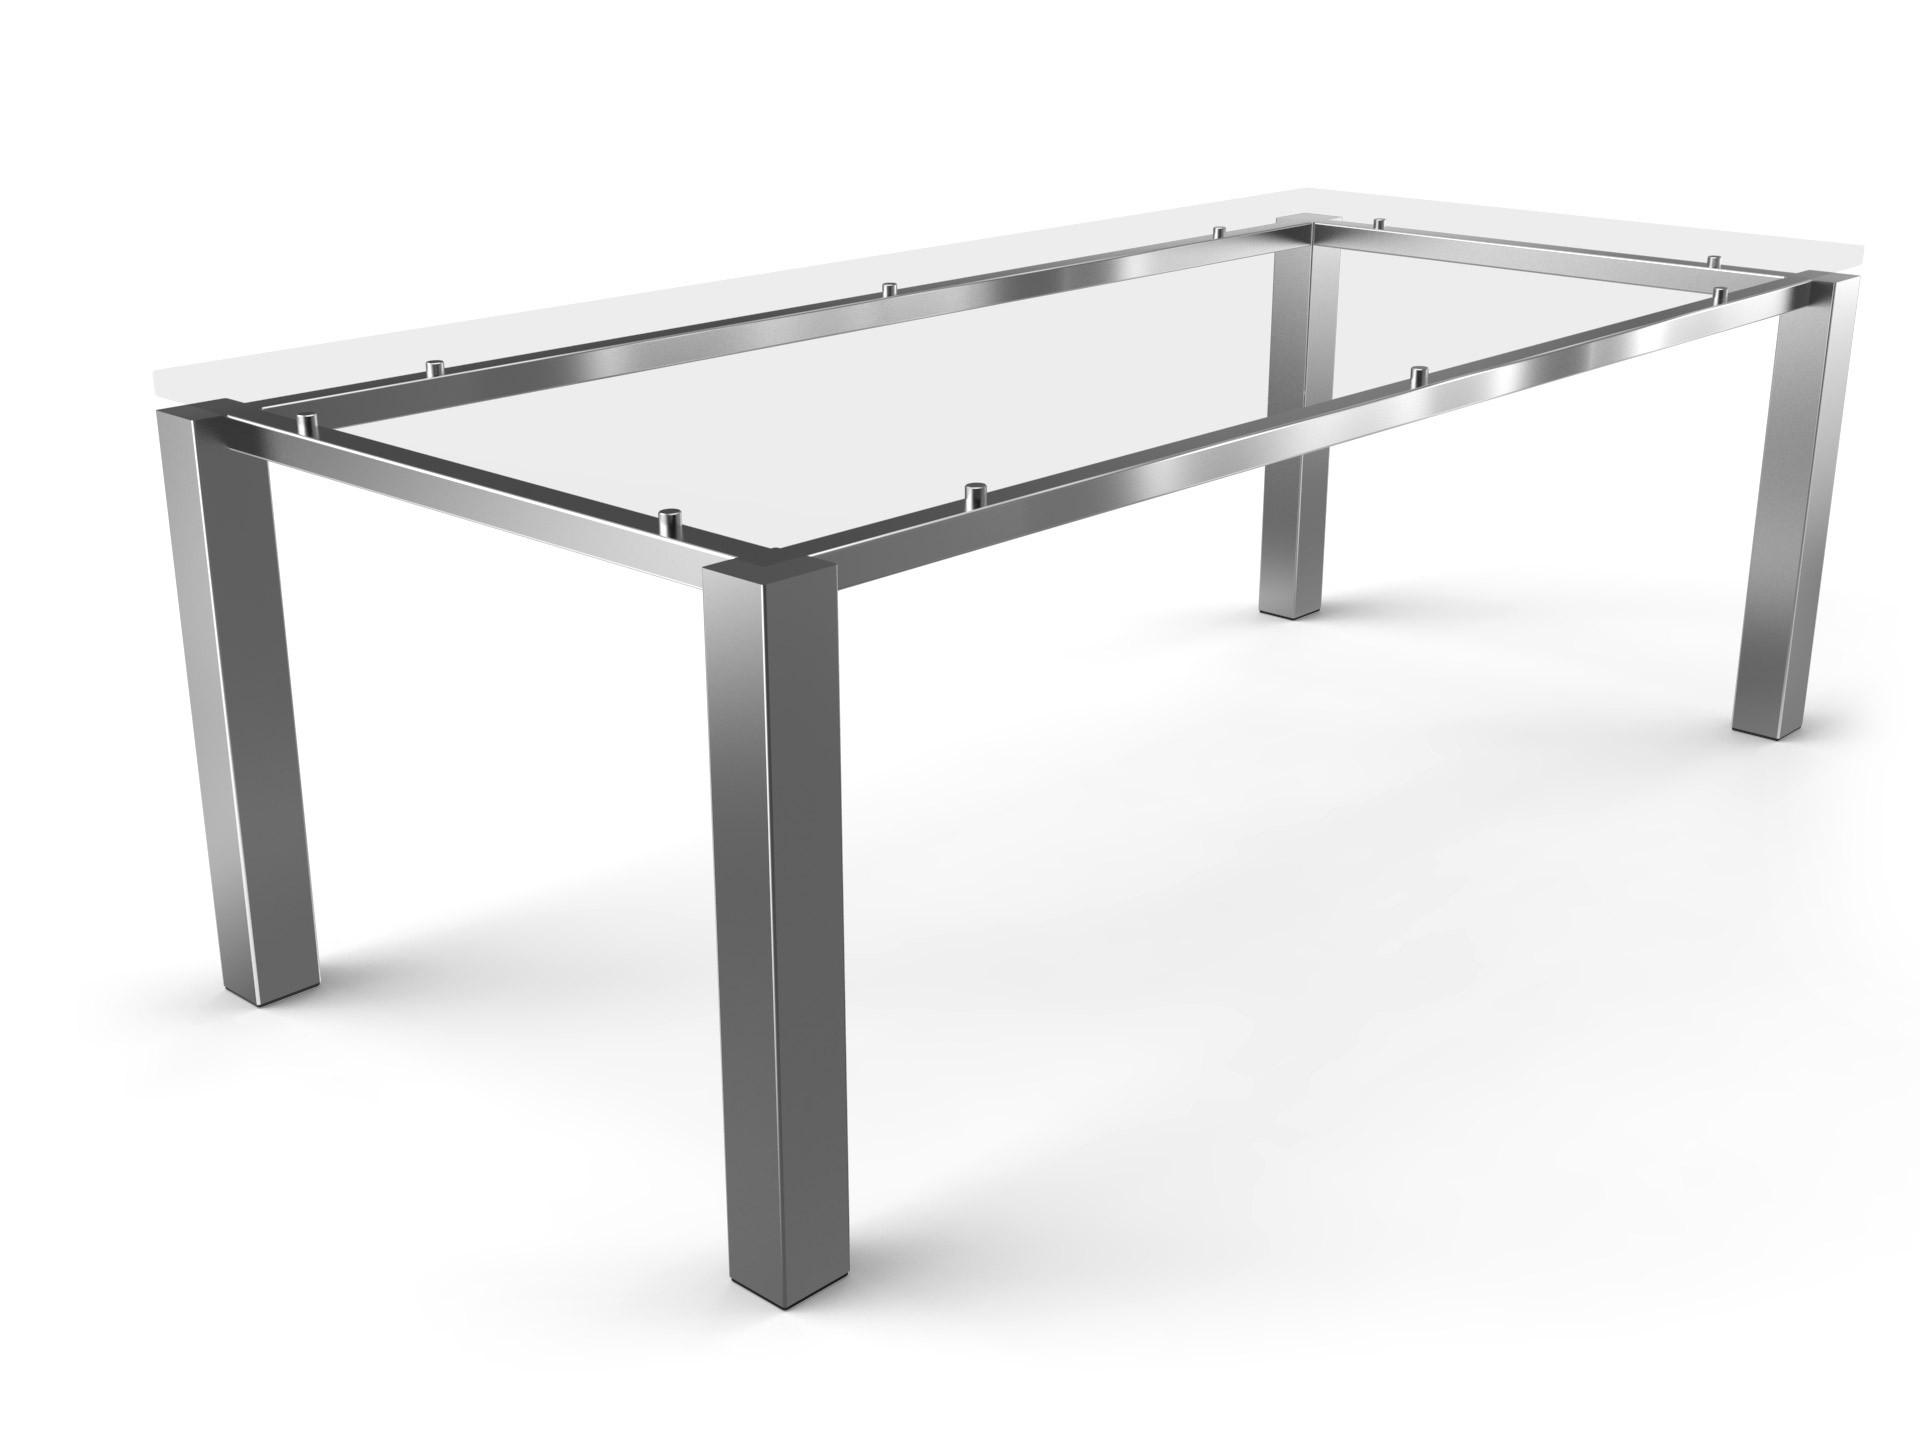 Tischgestell Schwebend Edelstahl-80